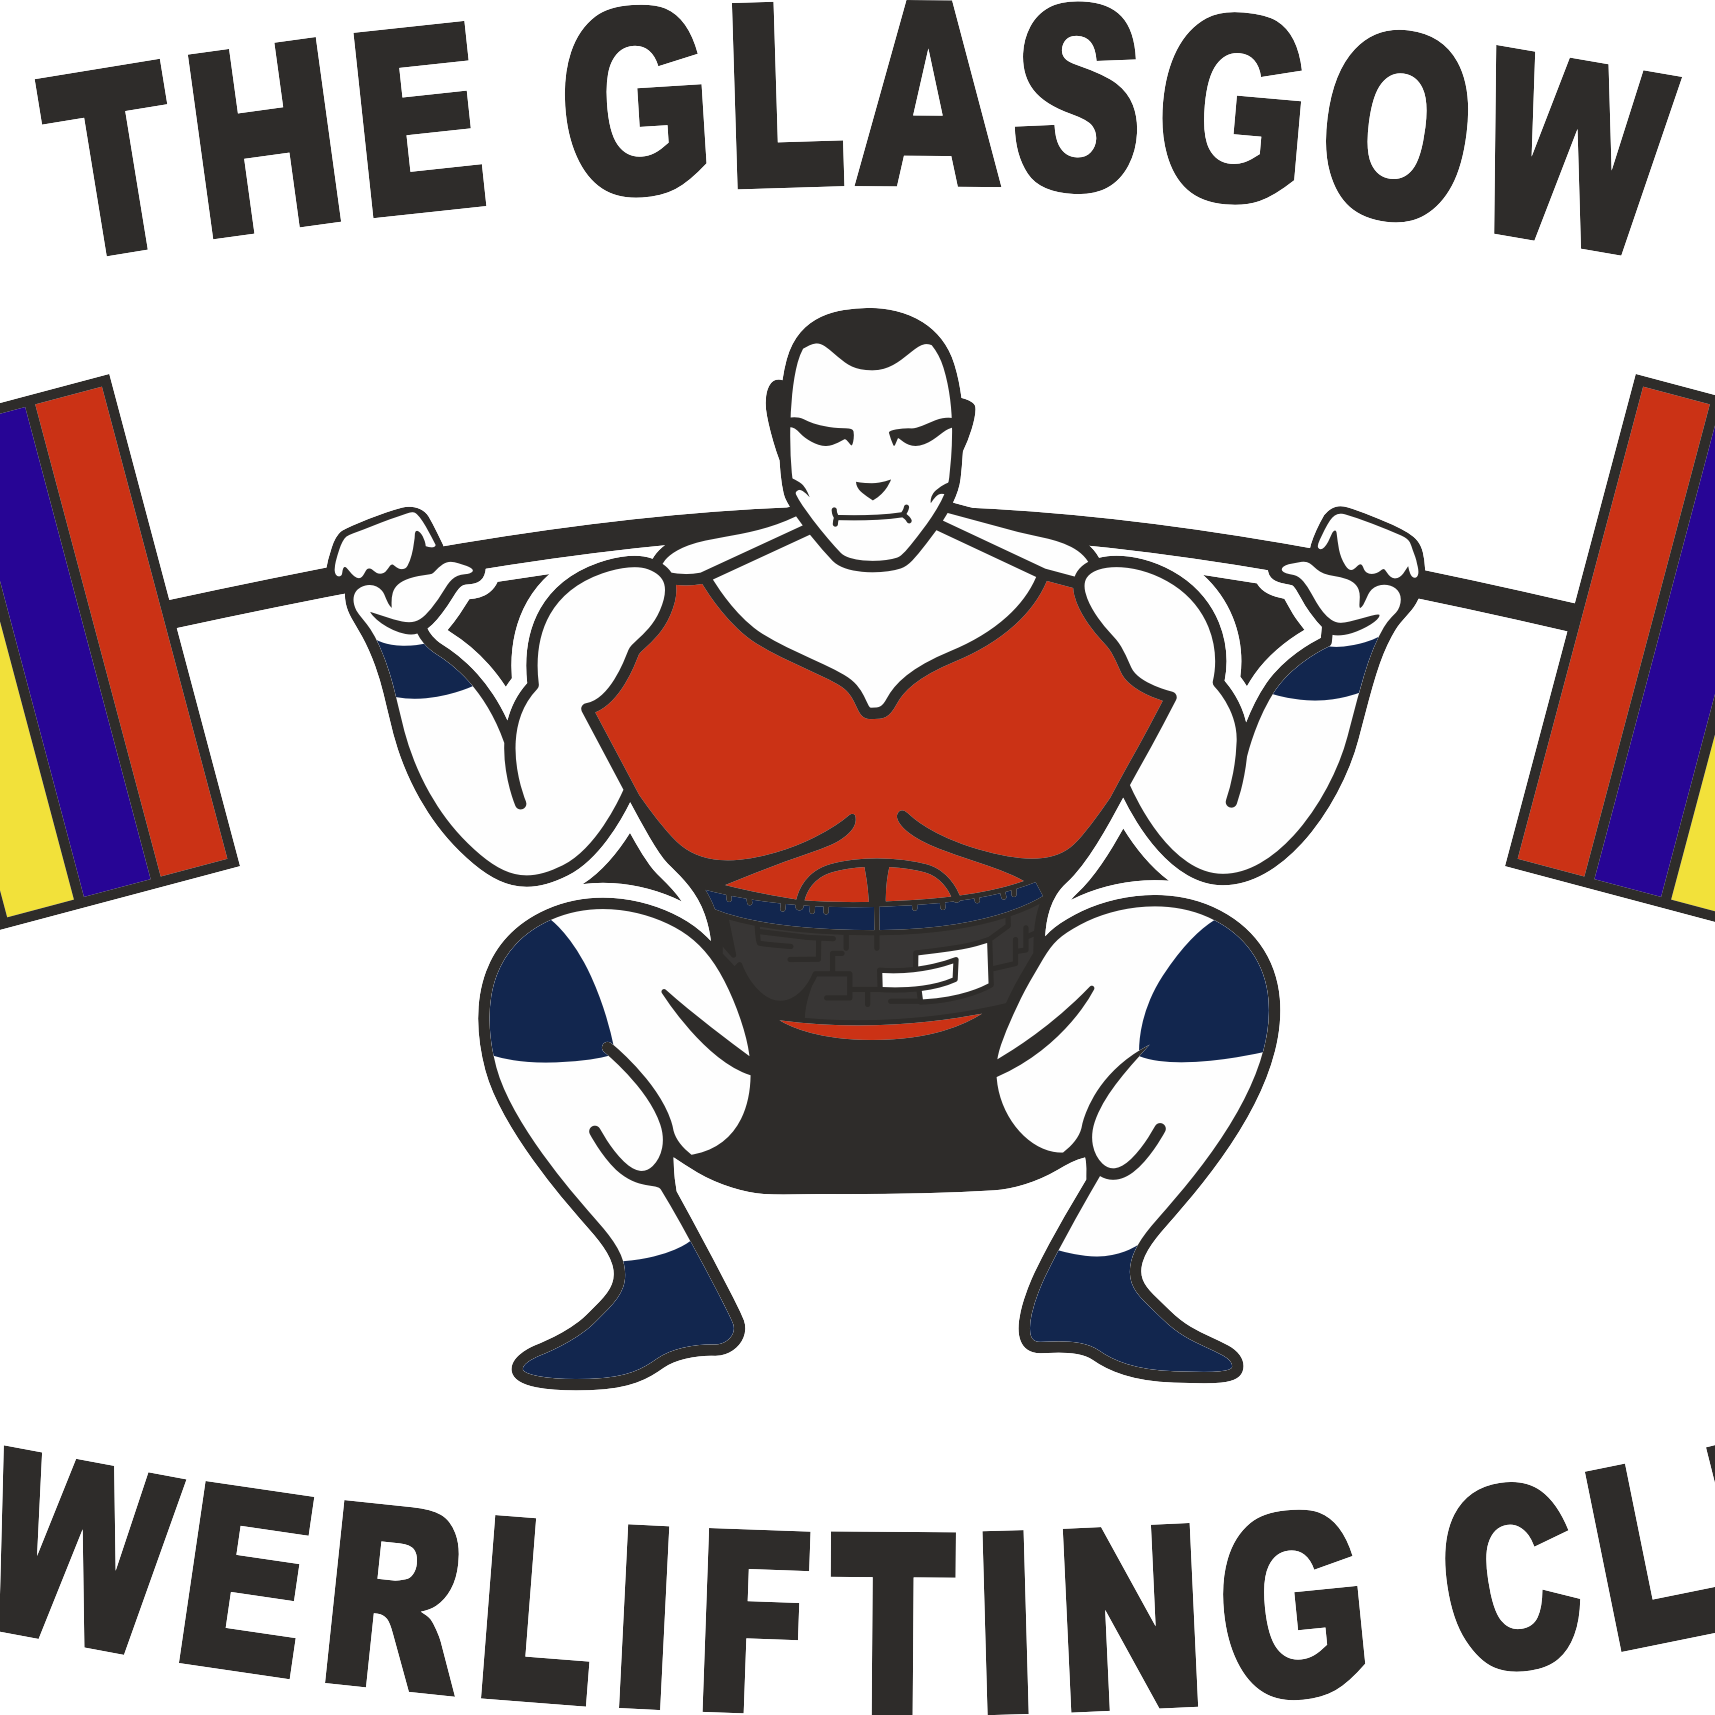 Glasgow powerlifting glasgowpowerlif twitter. Weight clipart powerlifter